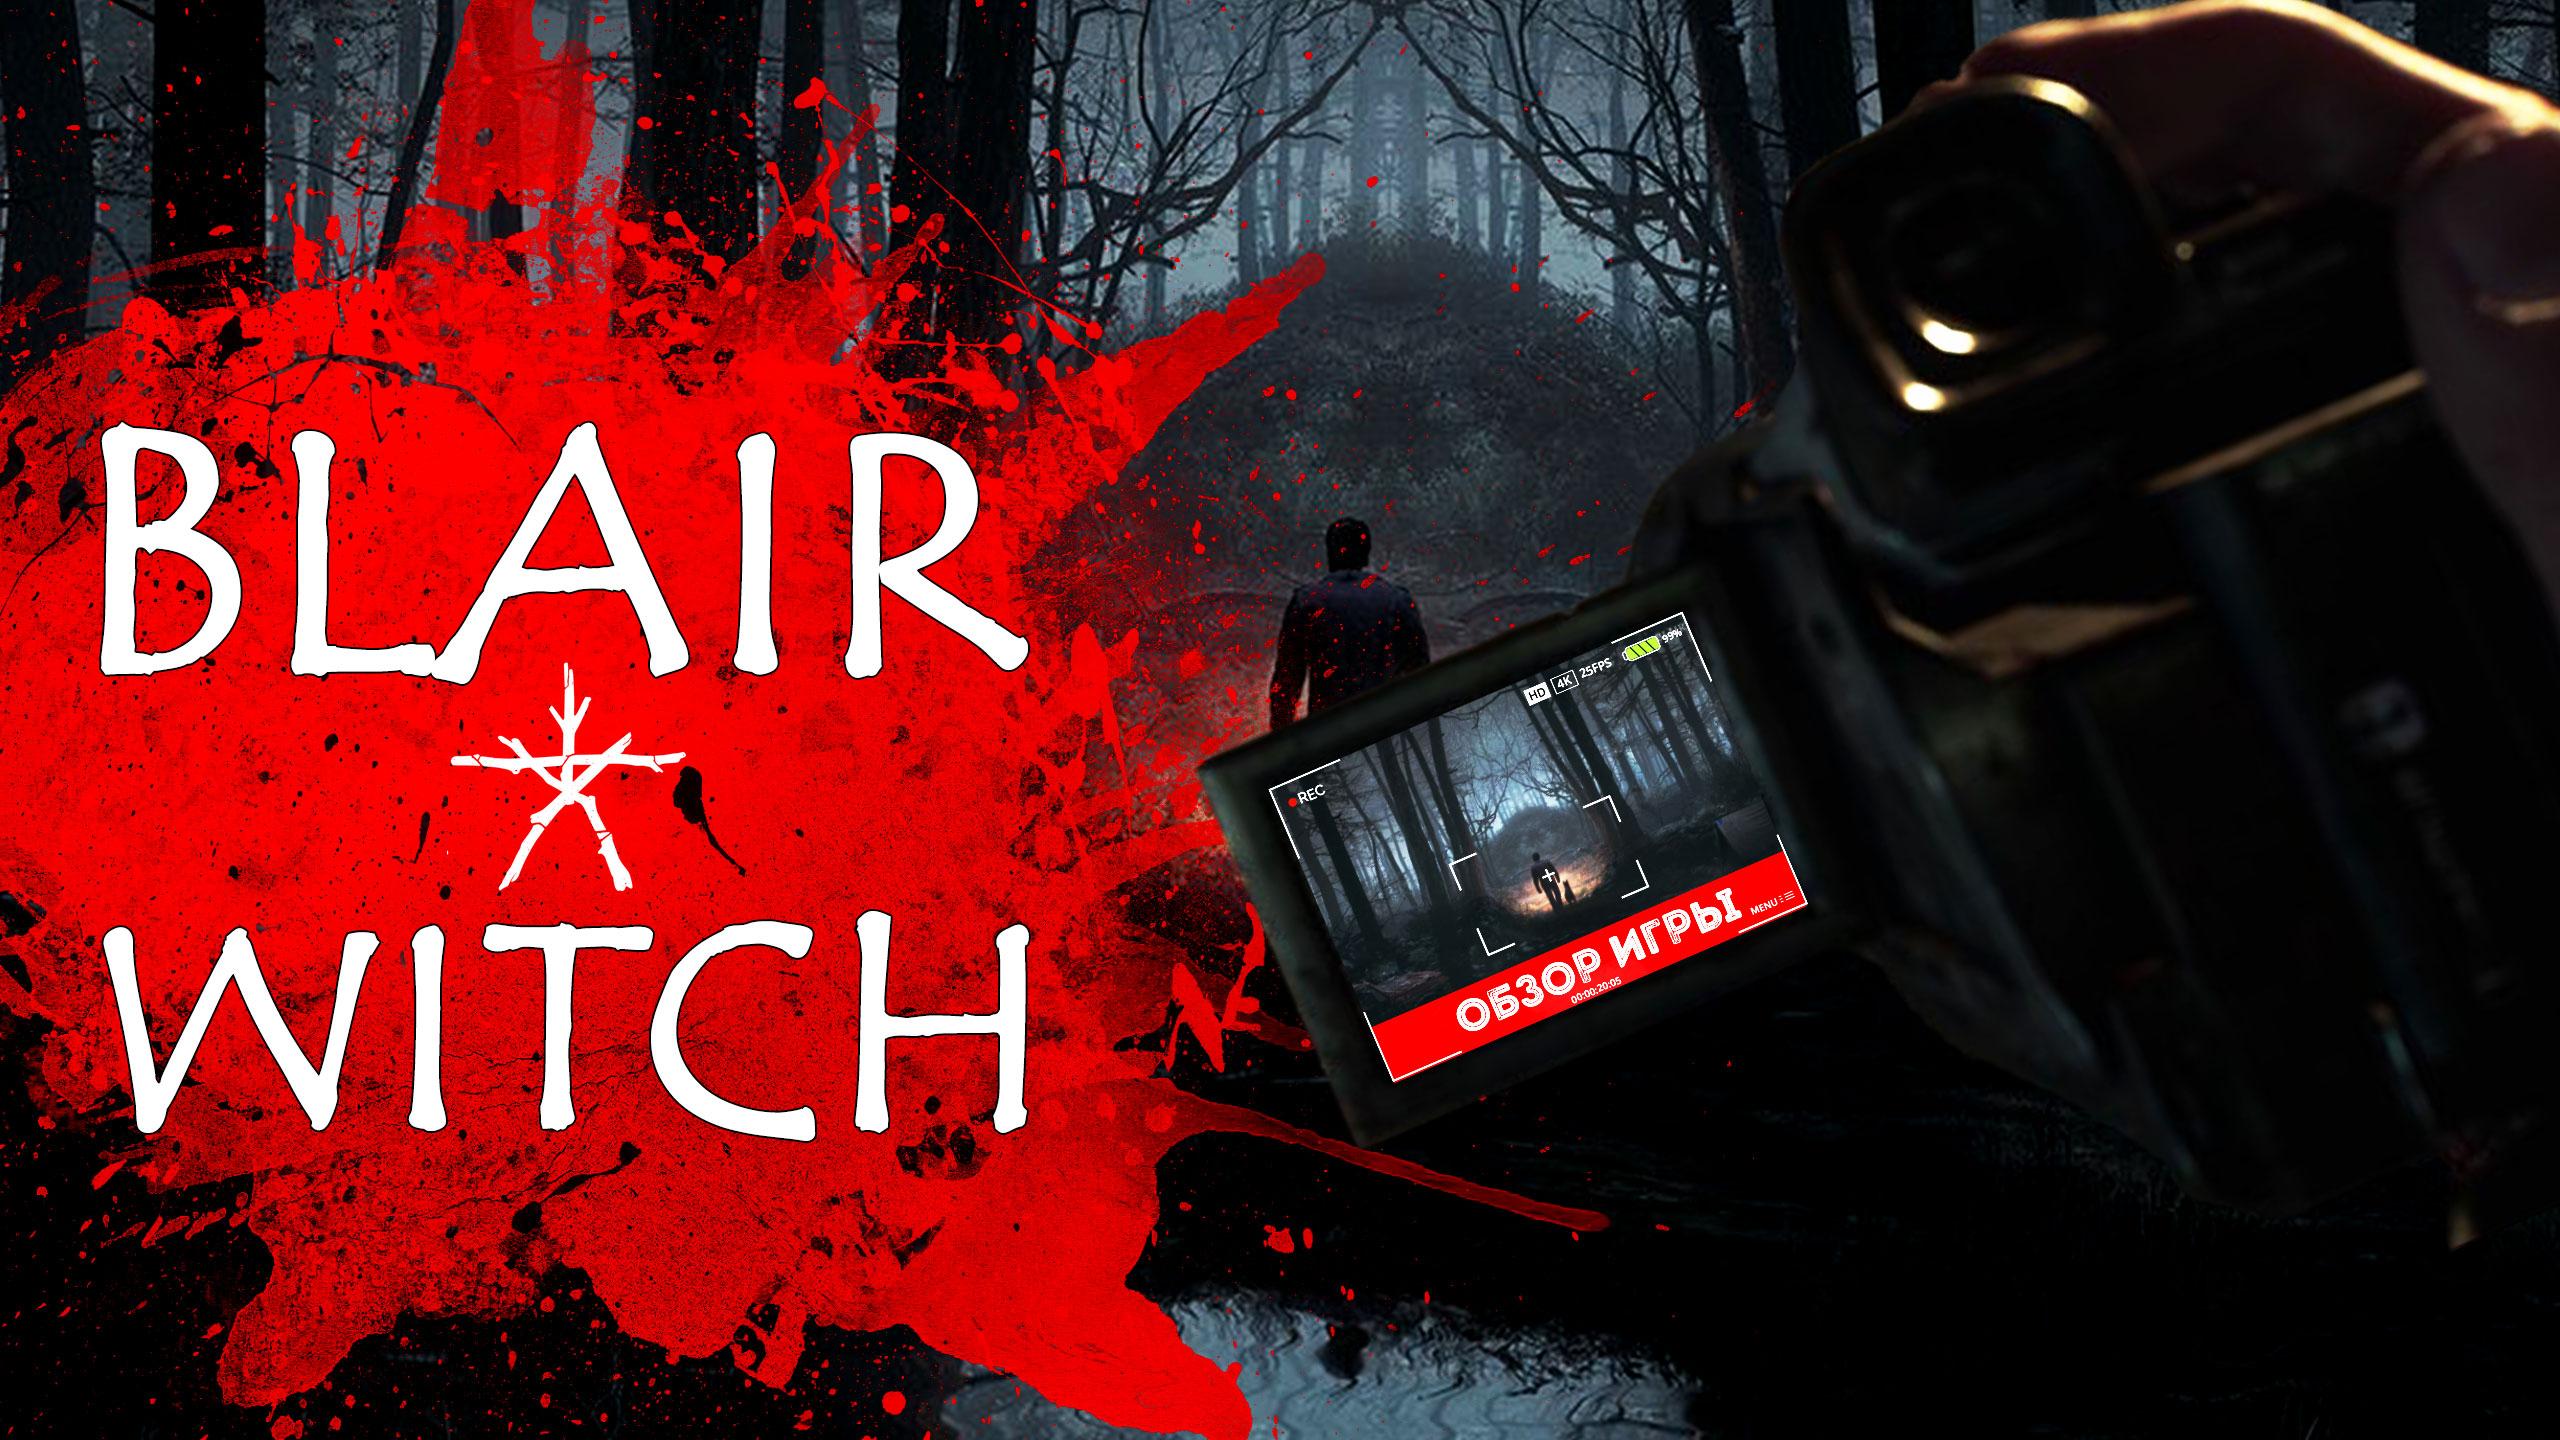 Blair Witch 2019 - овчарка Bullet, мрачный лес и самые страшные факты ведьмы из блэр